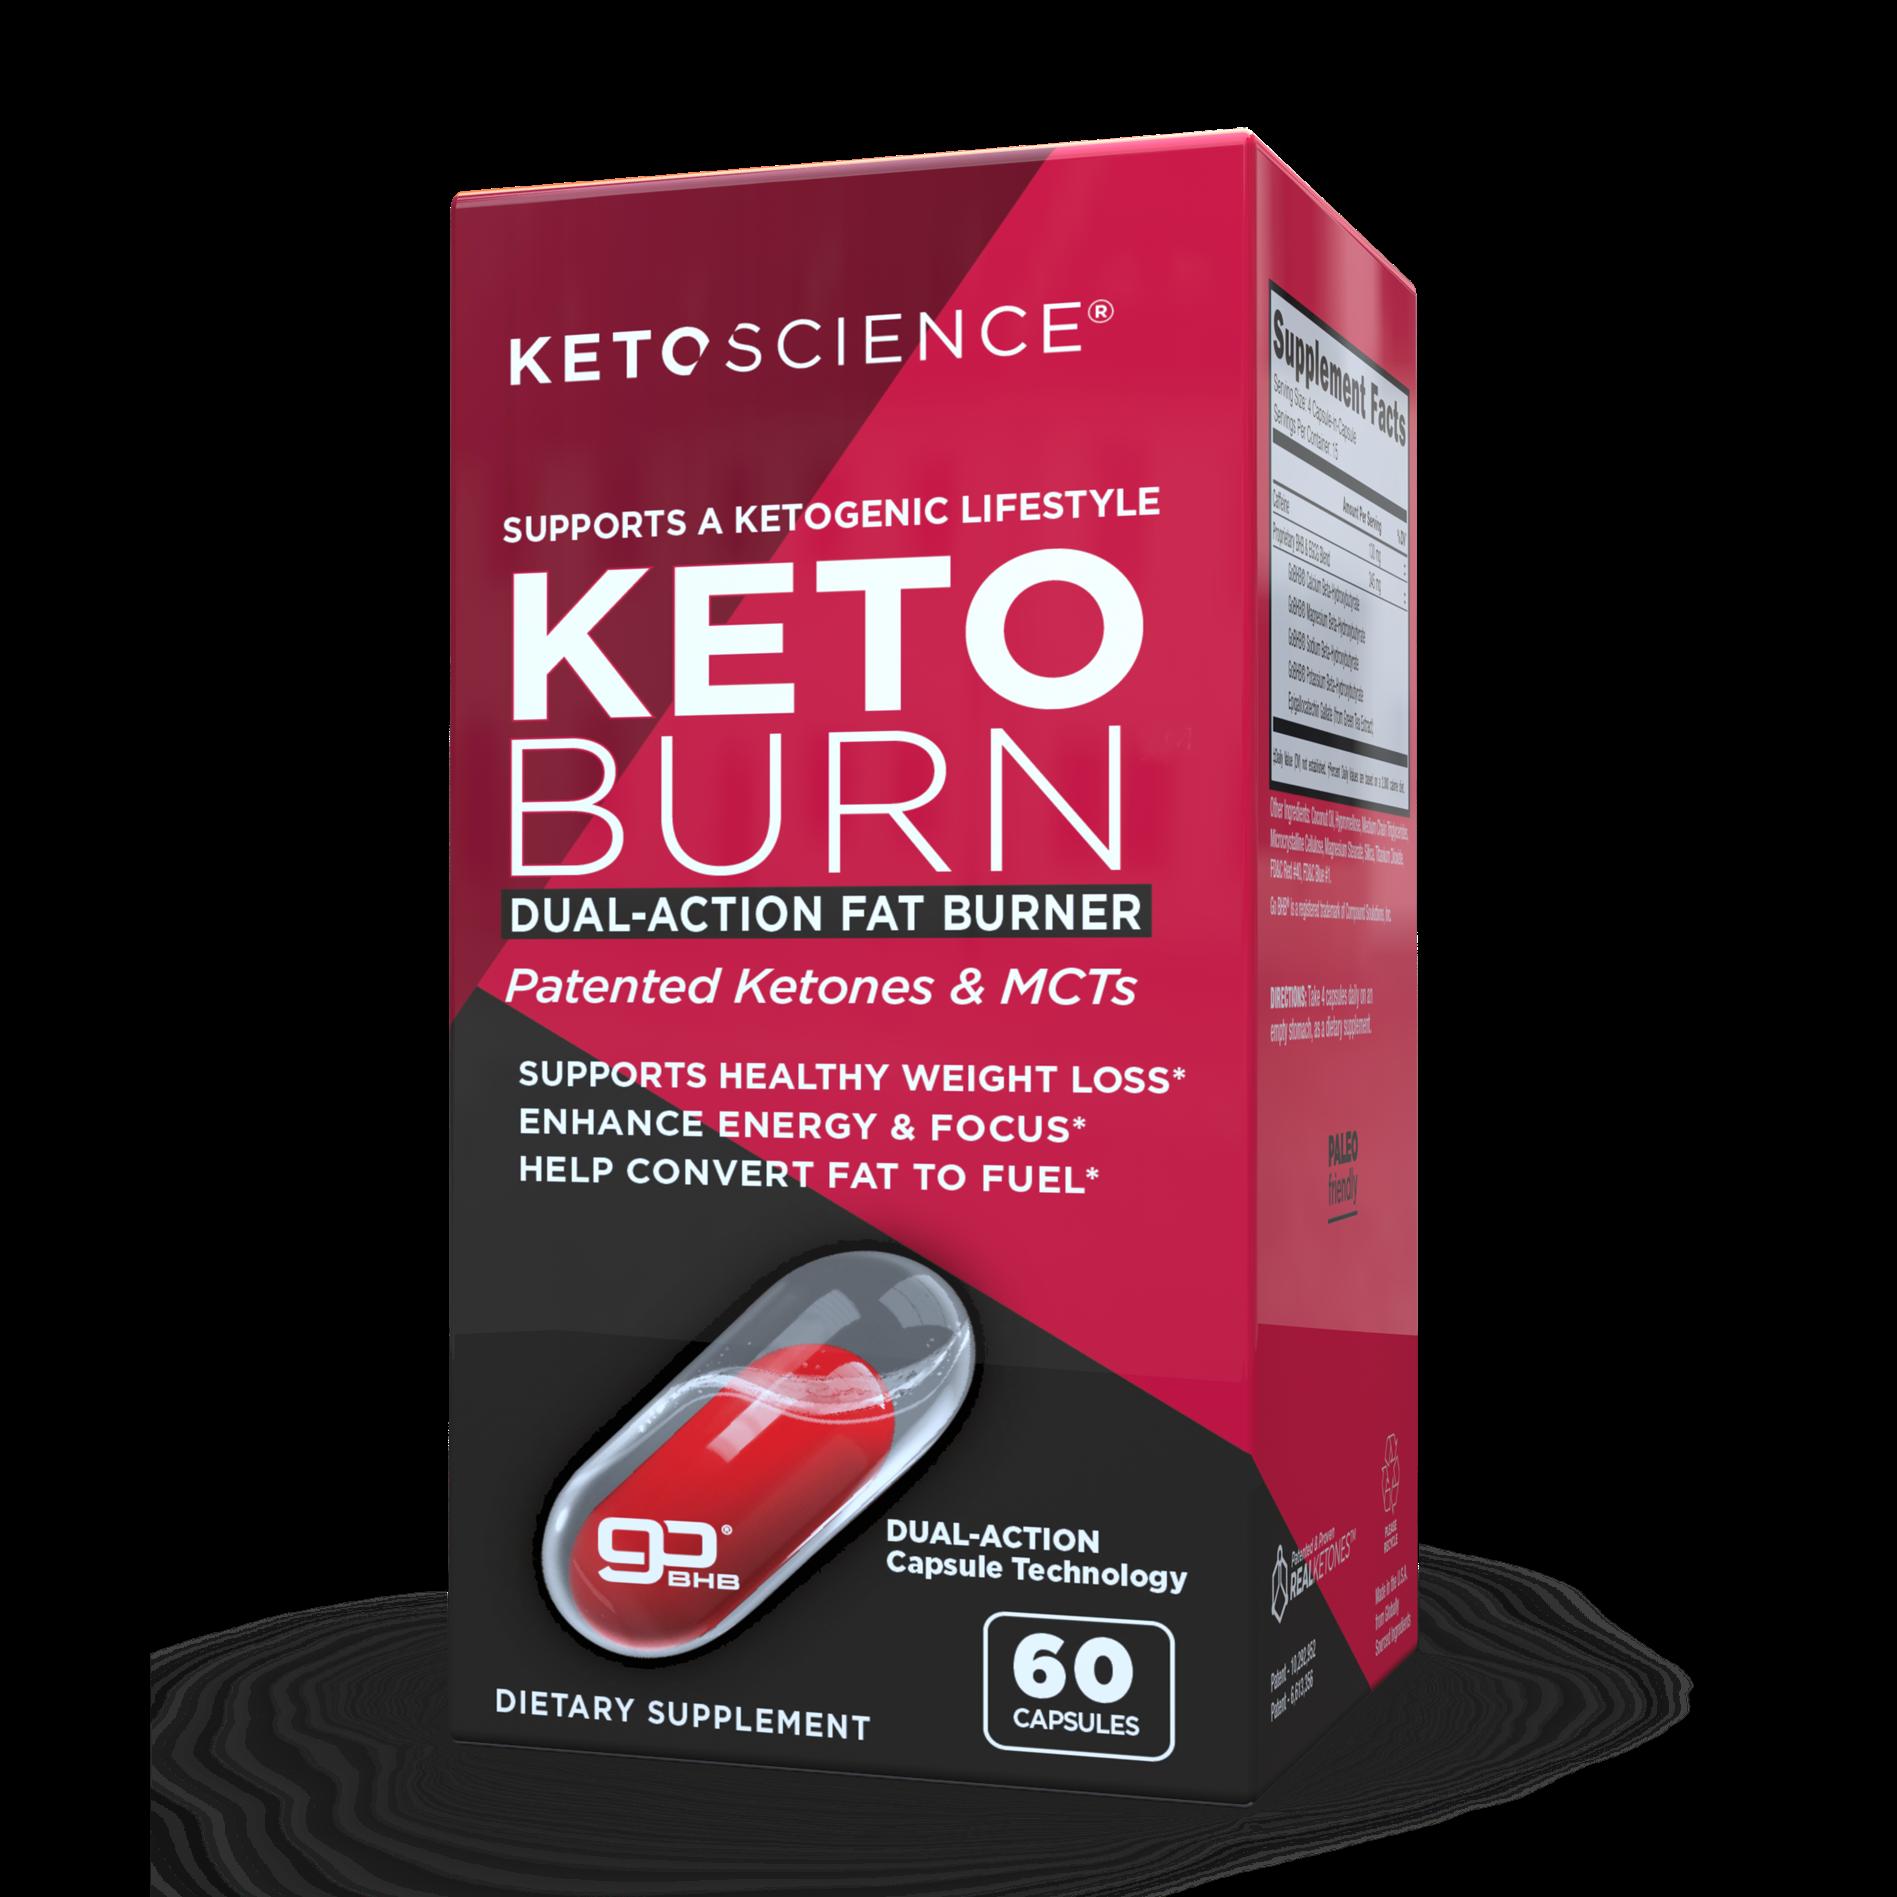 Keto Science Starter Kit